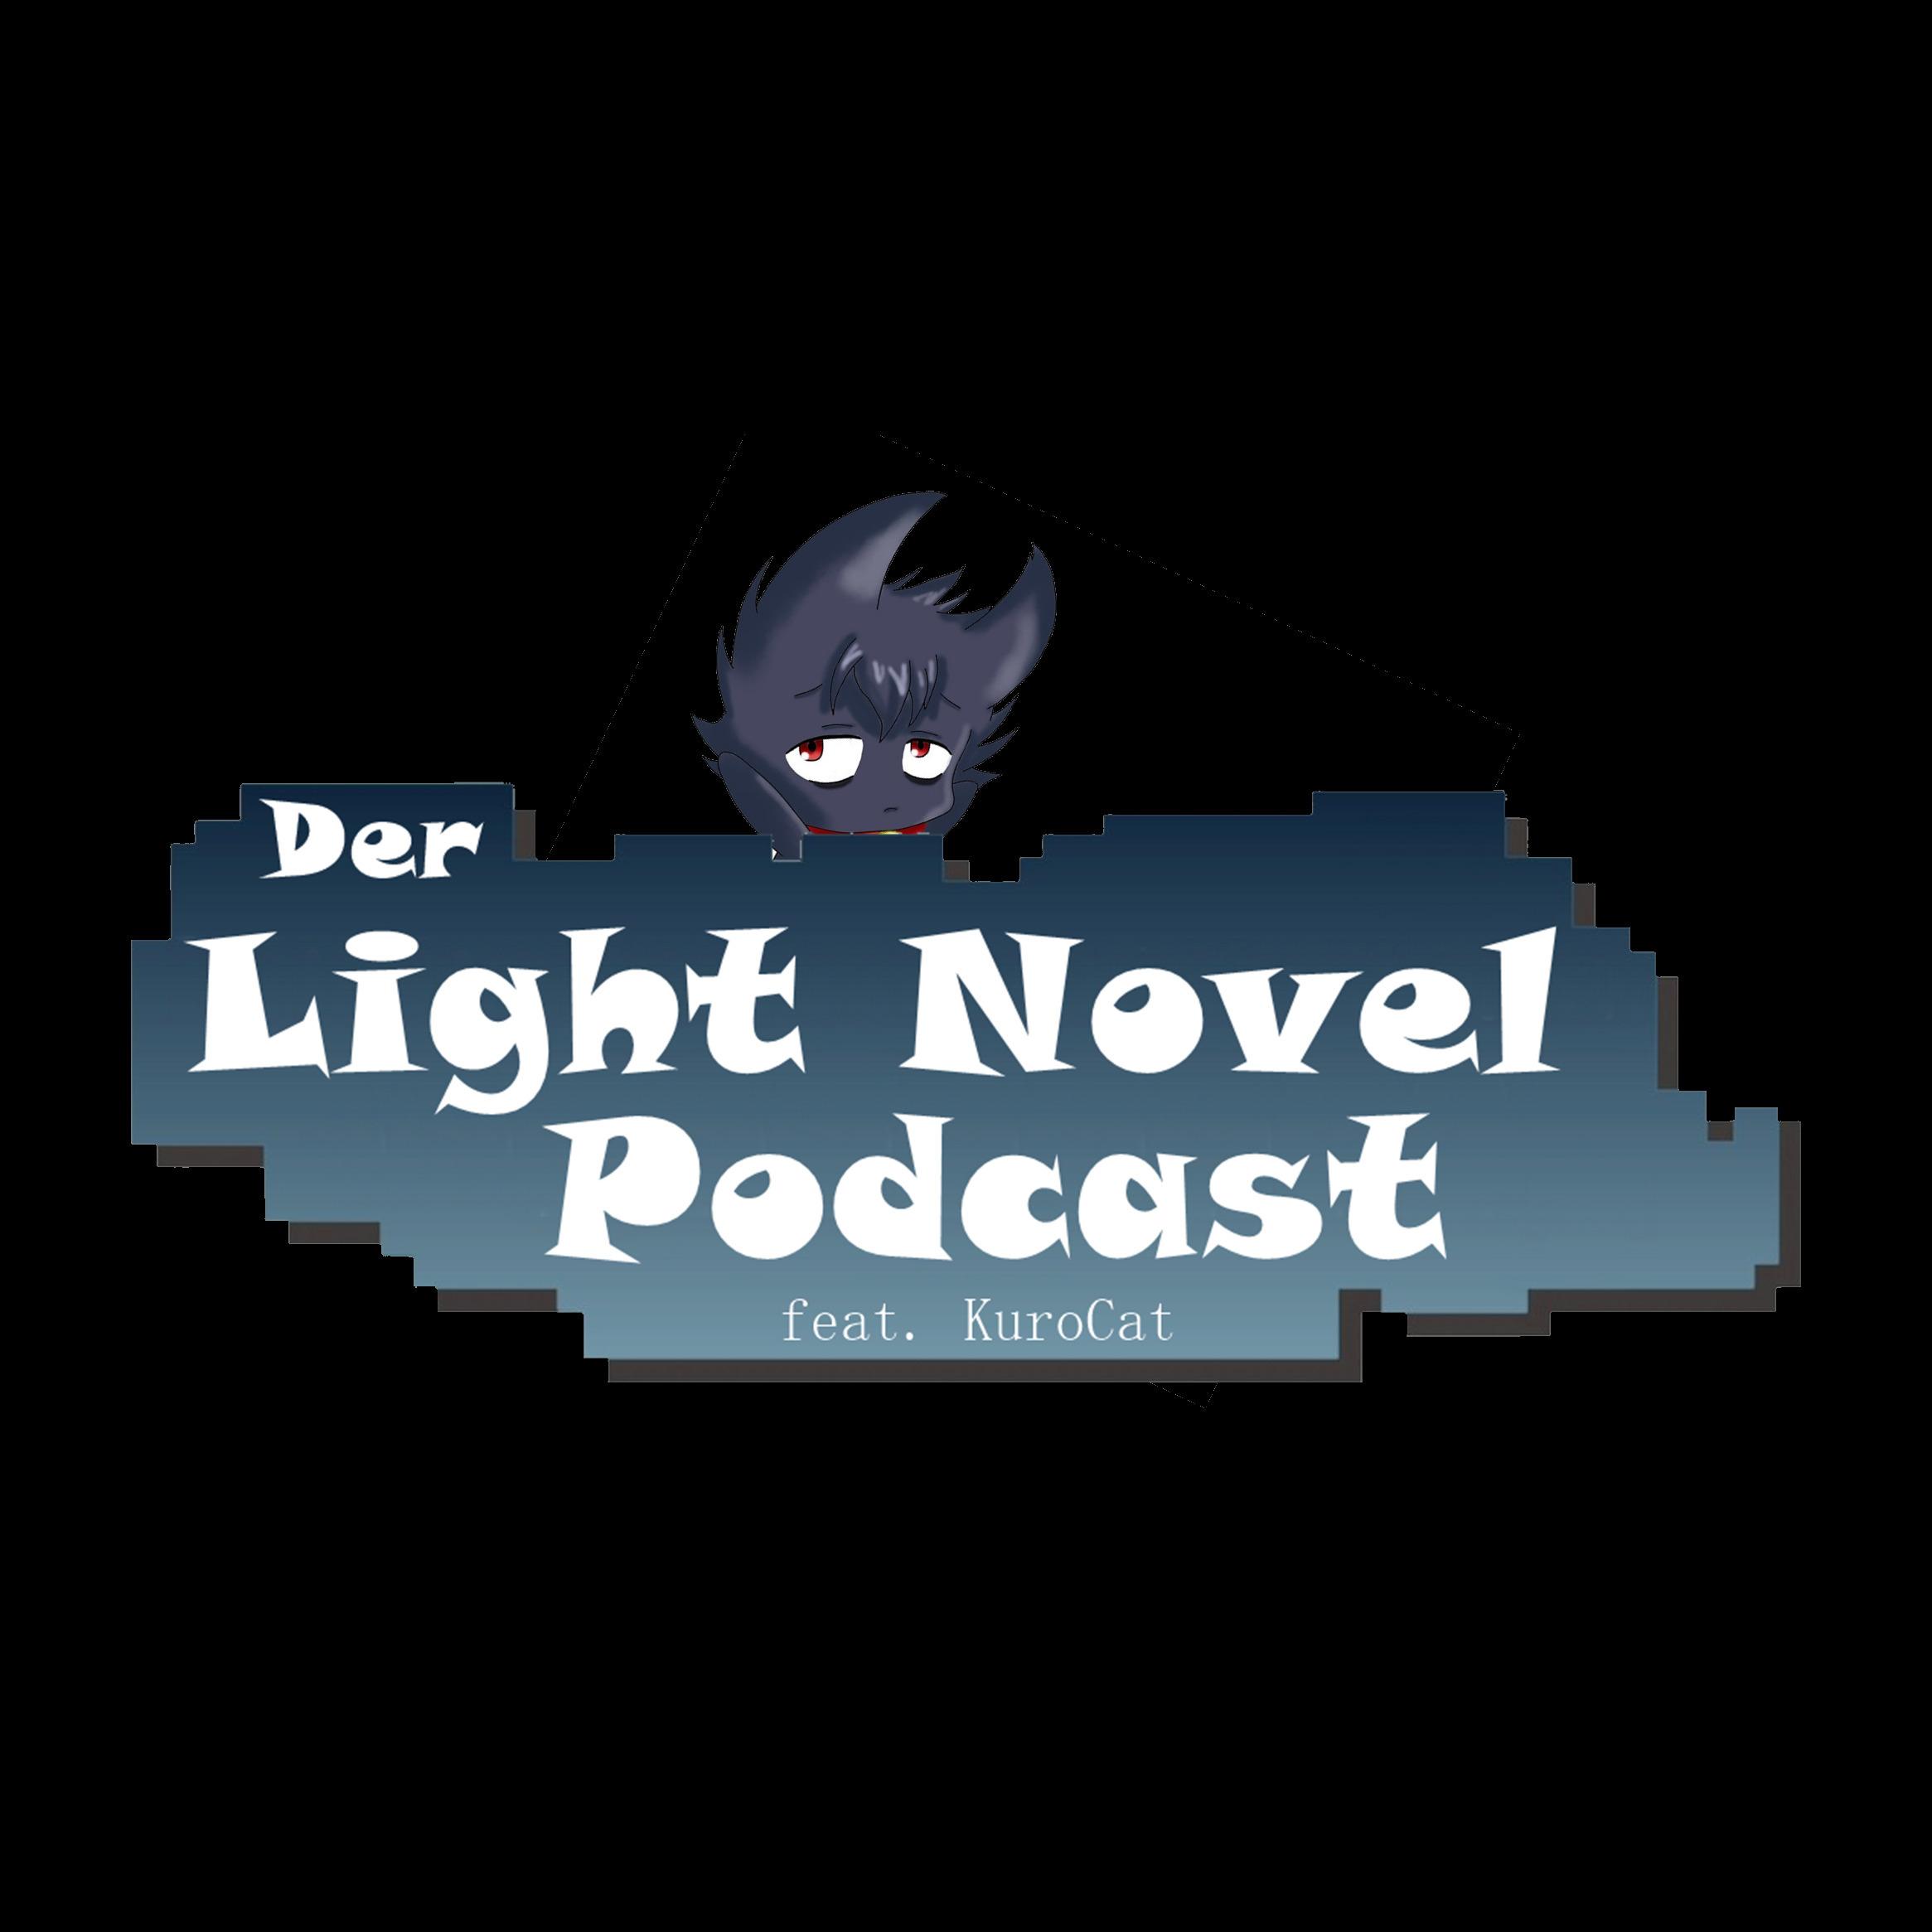 Der Light Novel Podcast SP #1 - Light Novels nicht aus Japan